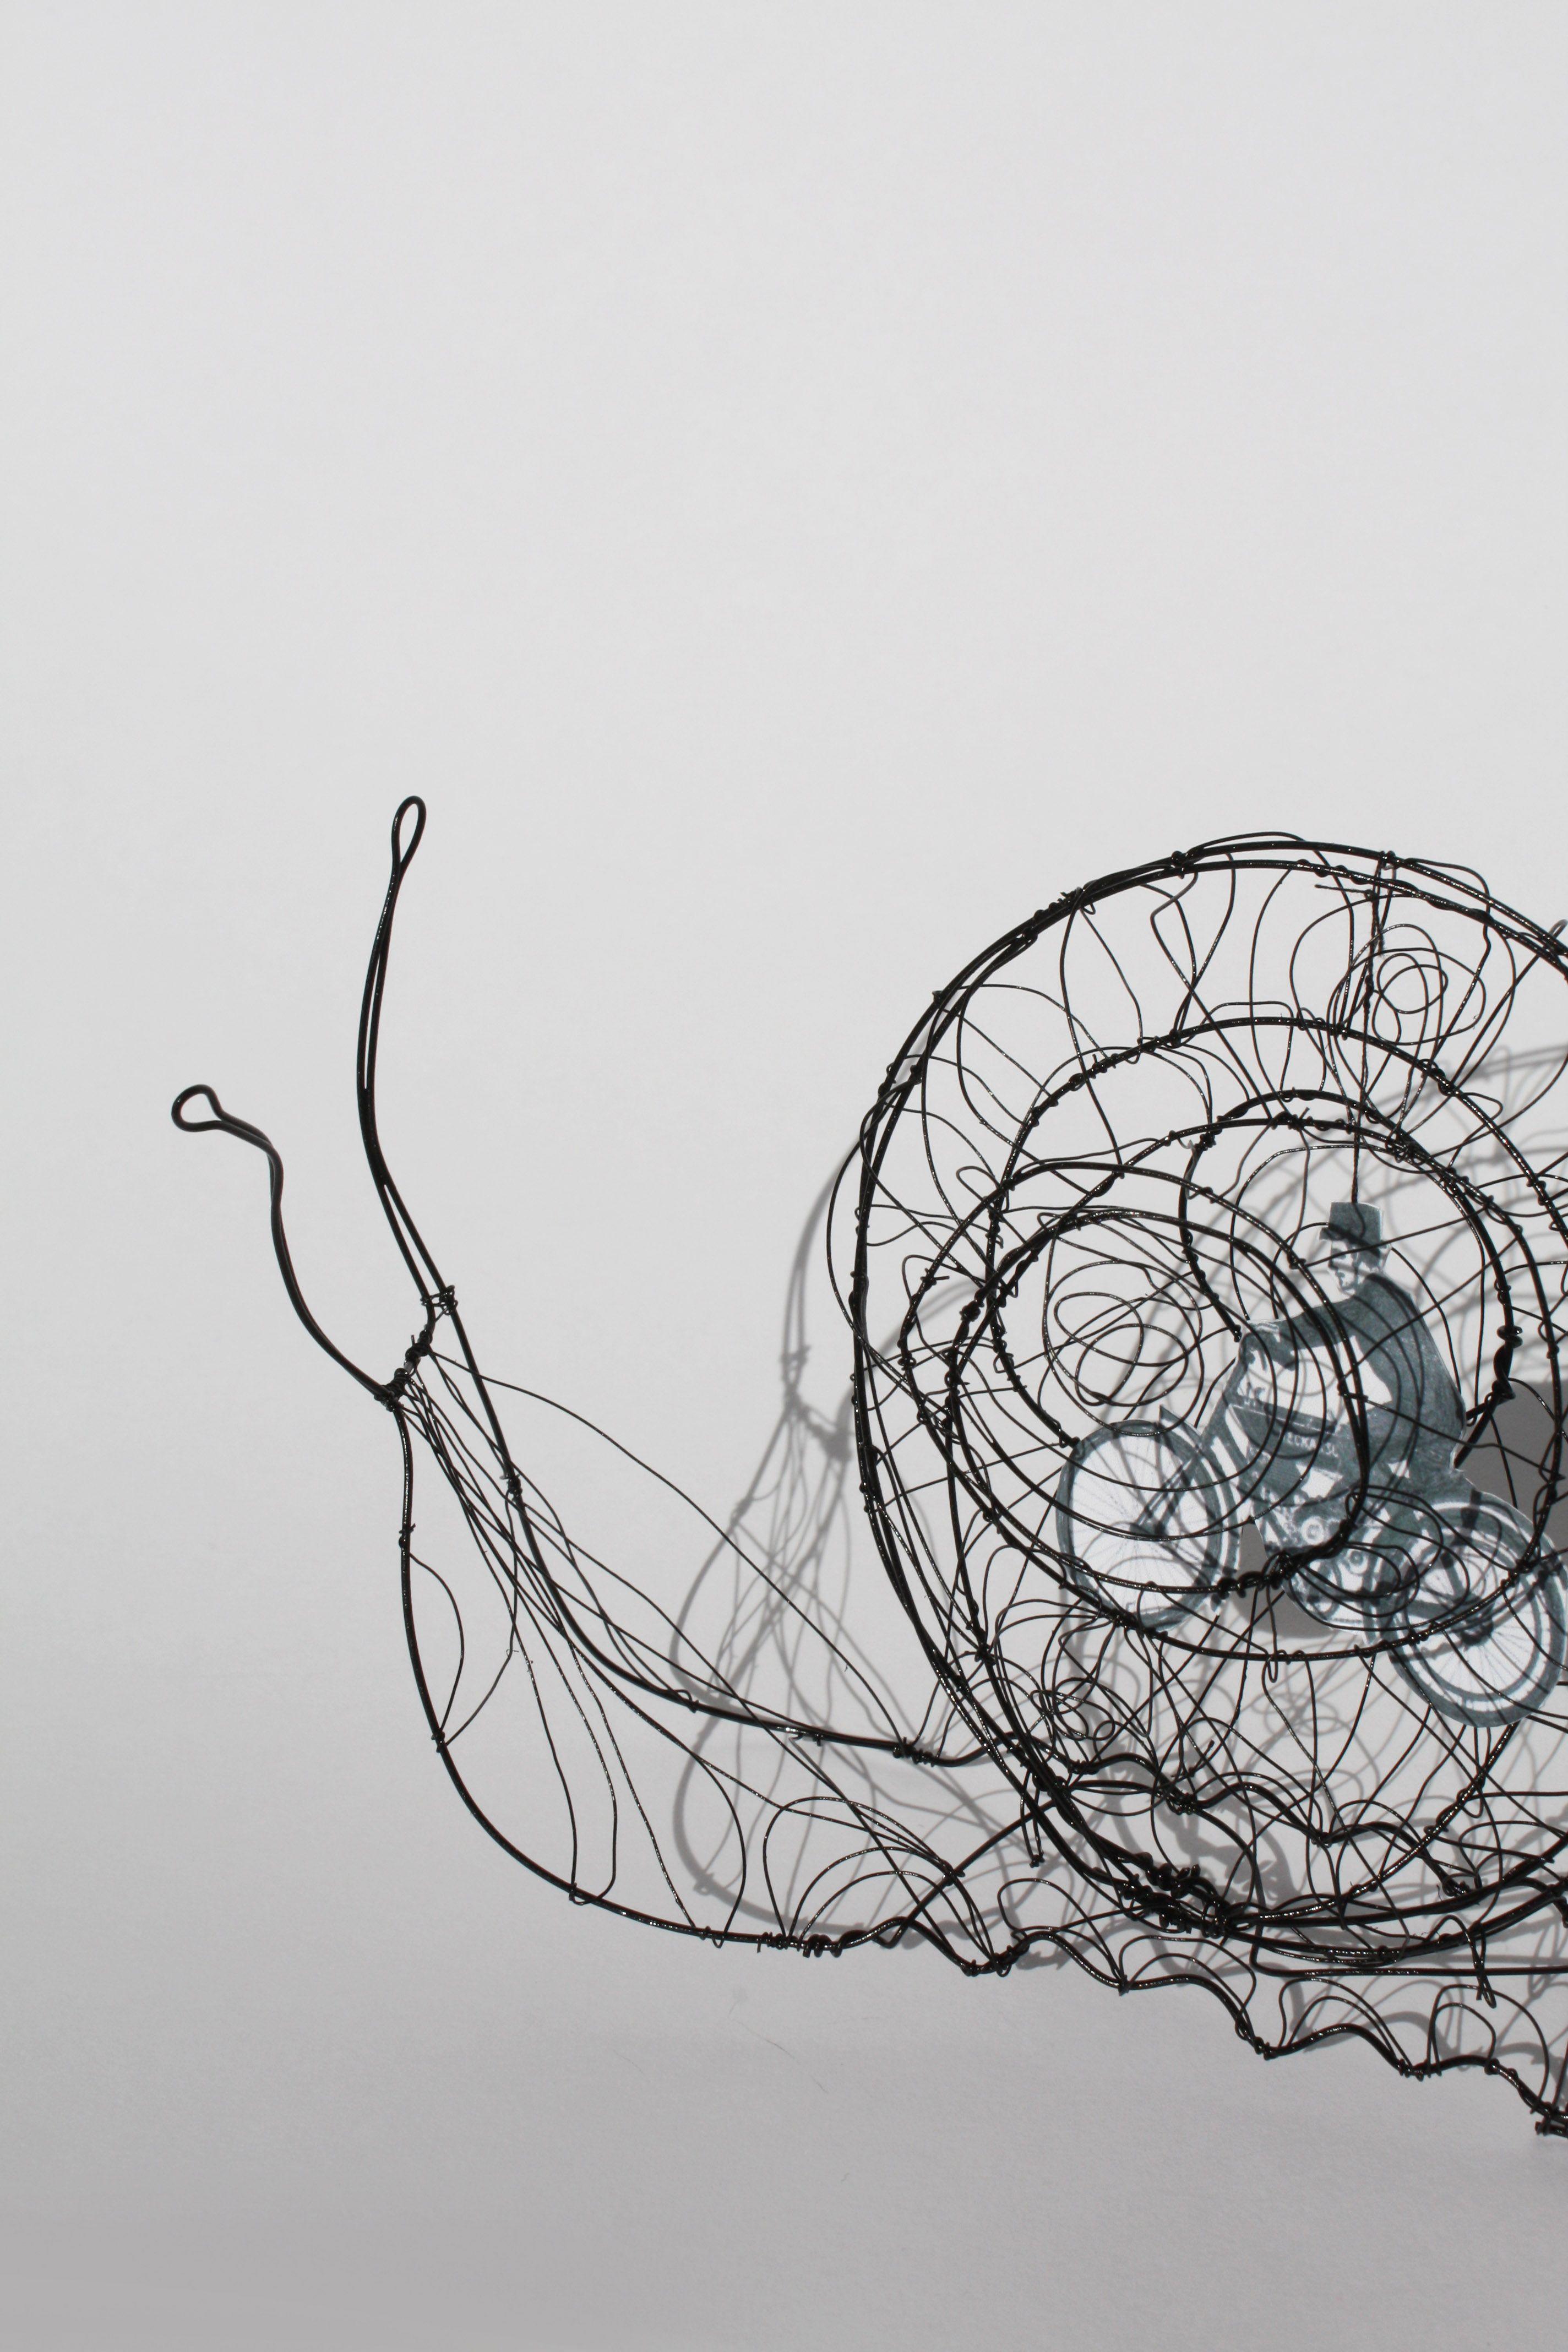 Sculpture fil de fer | Wired | Pinterest | Draht, Schnecke und Metall